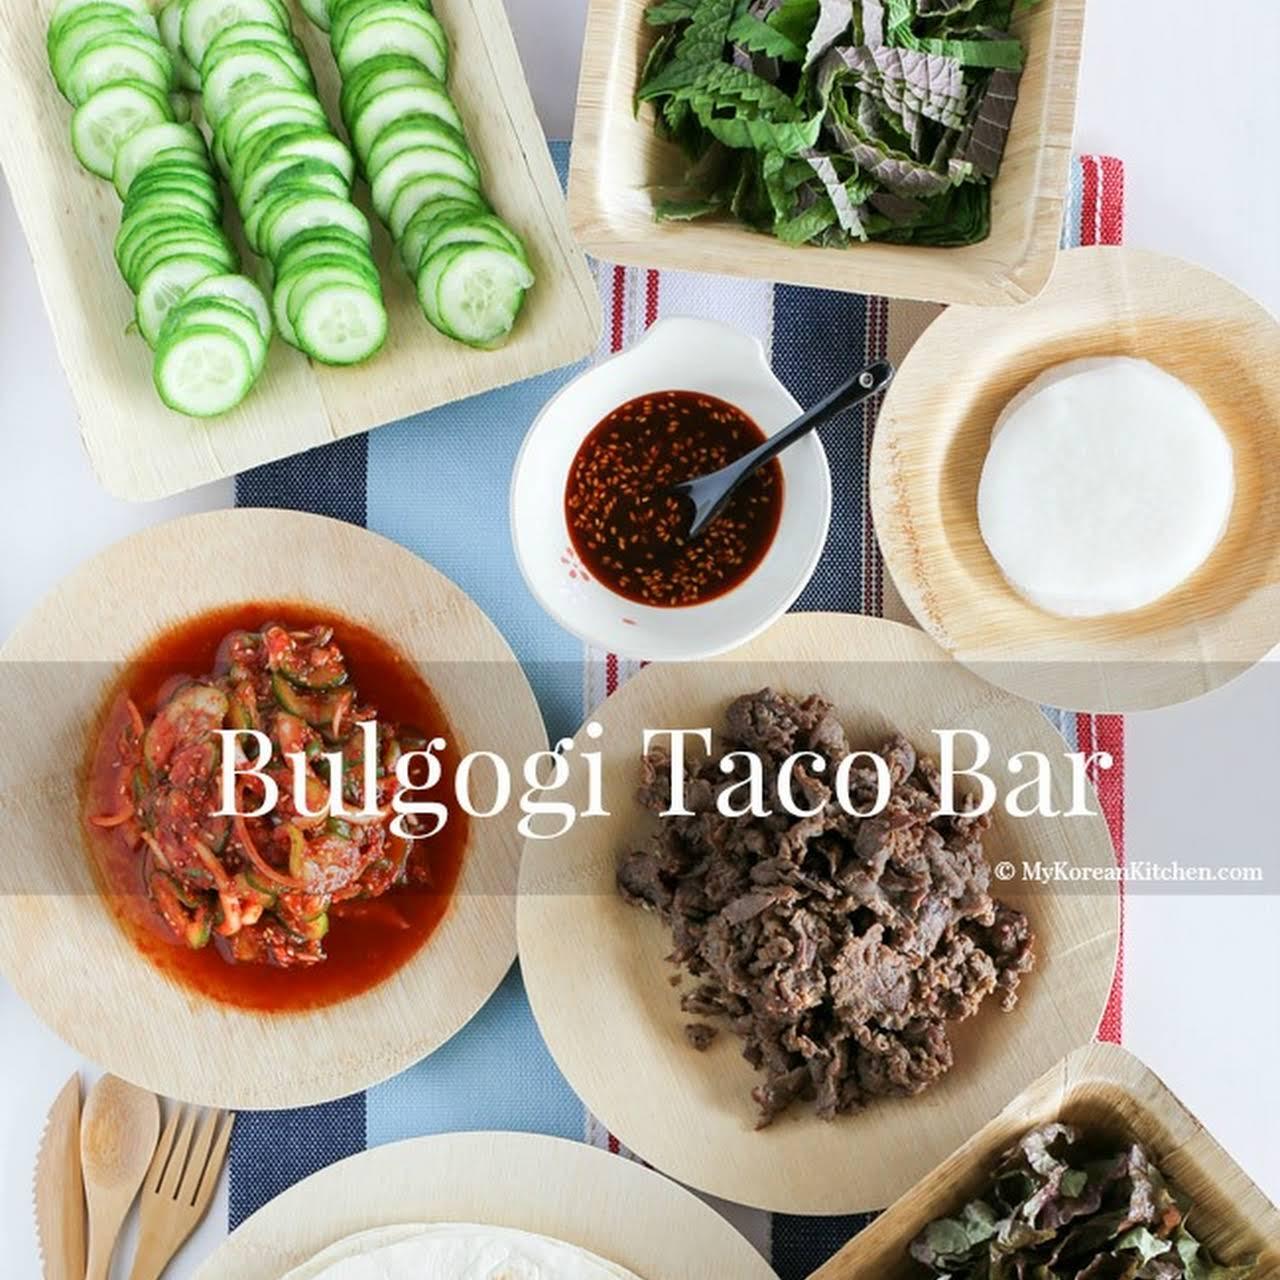 Bulgogi Taco Bar